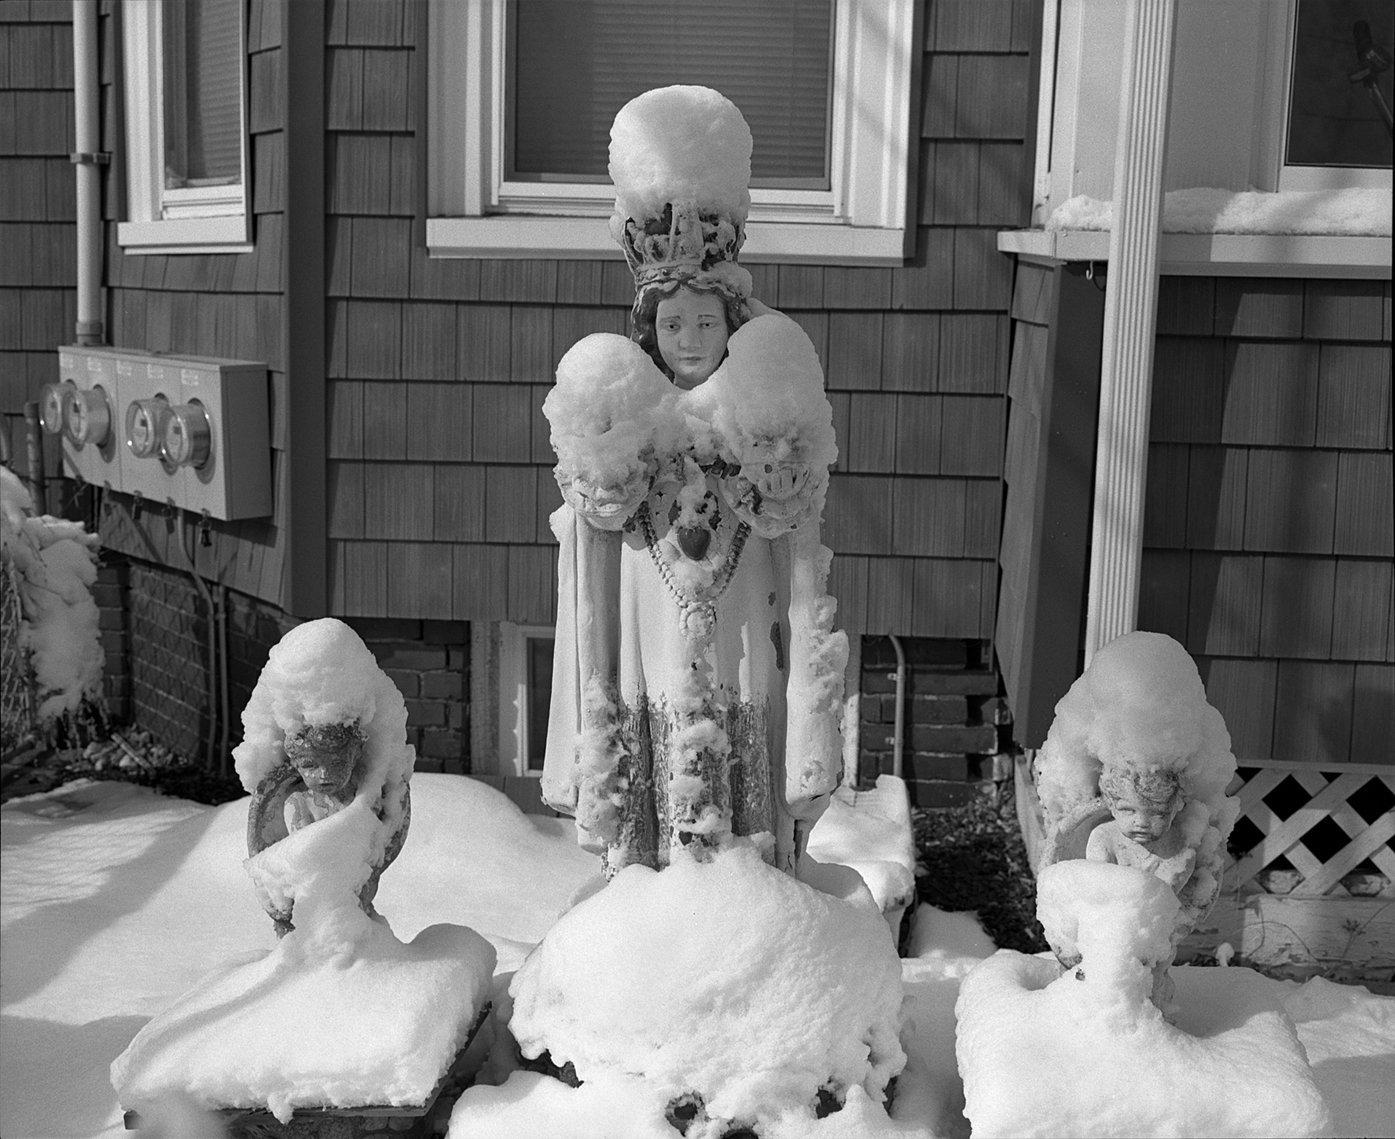 Somerville Under Snow #5.jpg